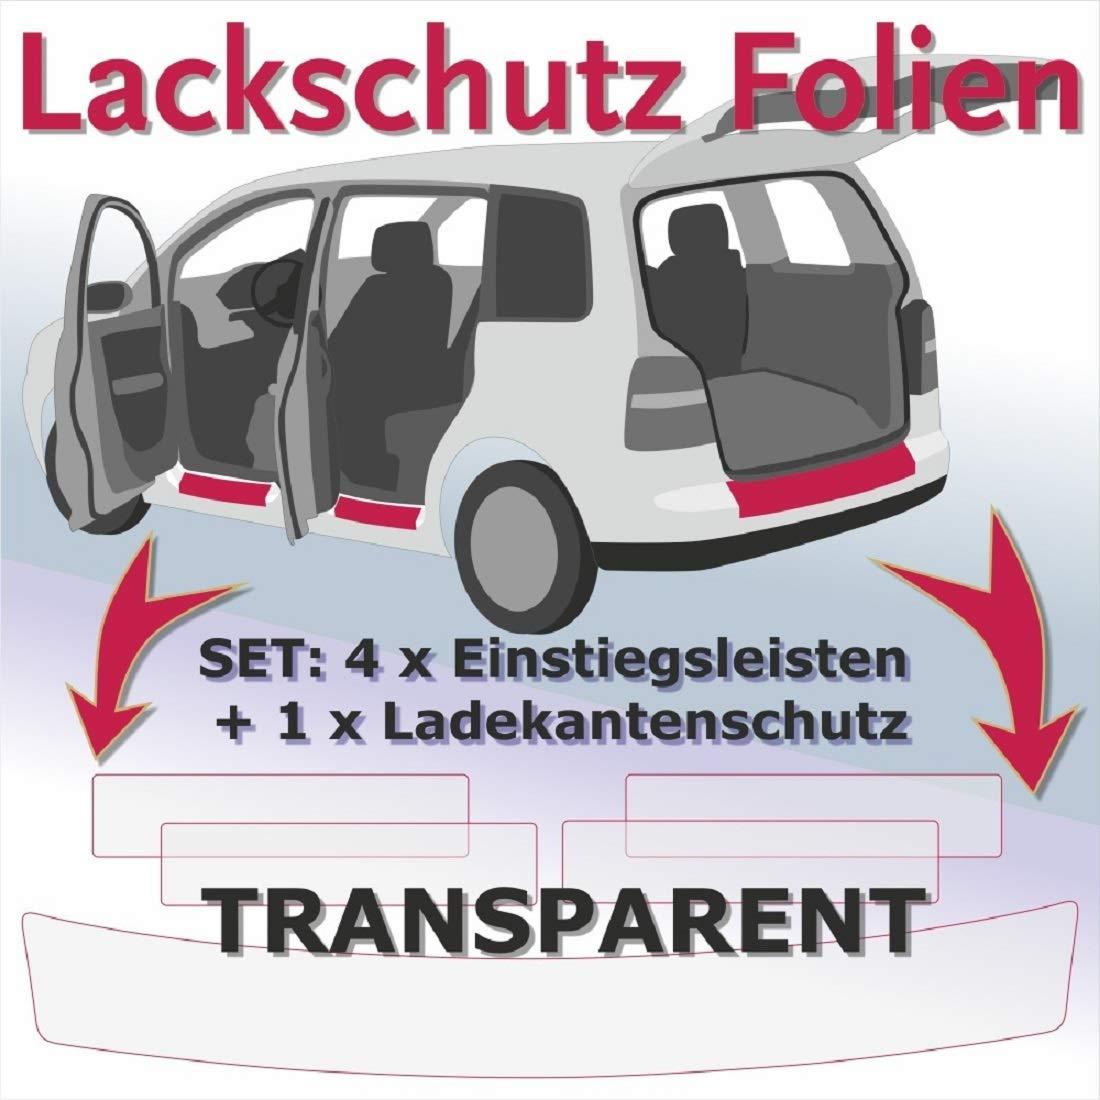 Gen Ladekantenschutz Lackschutzfolie Folie CX 5 Transparent 10012 CX5  Typ KF 2